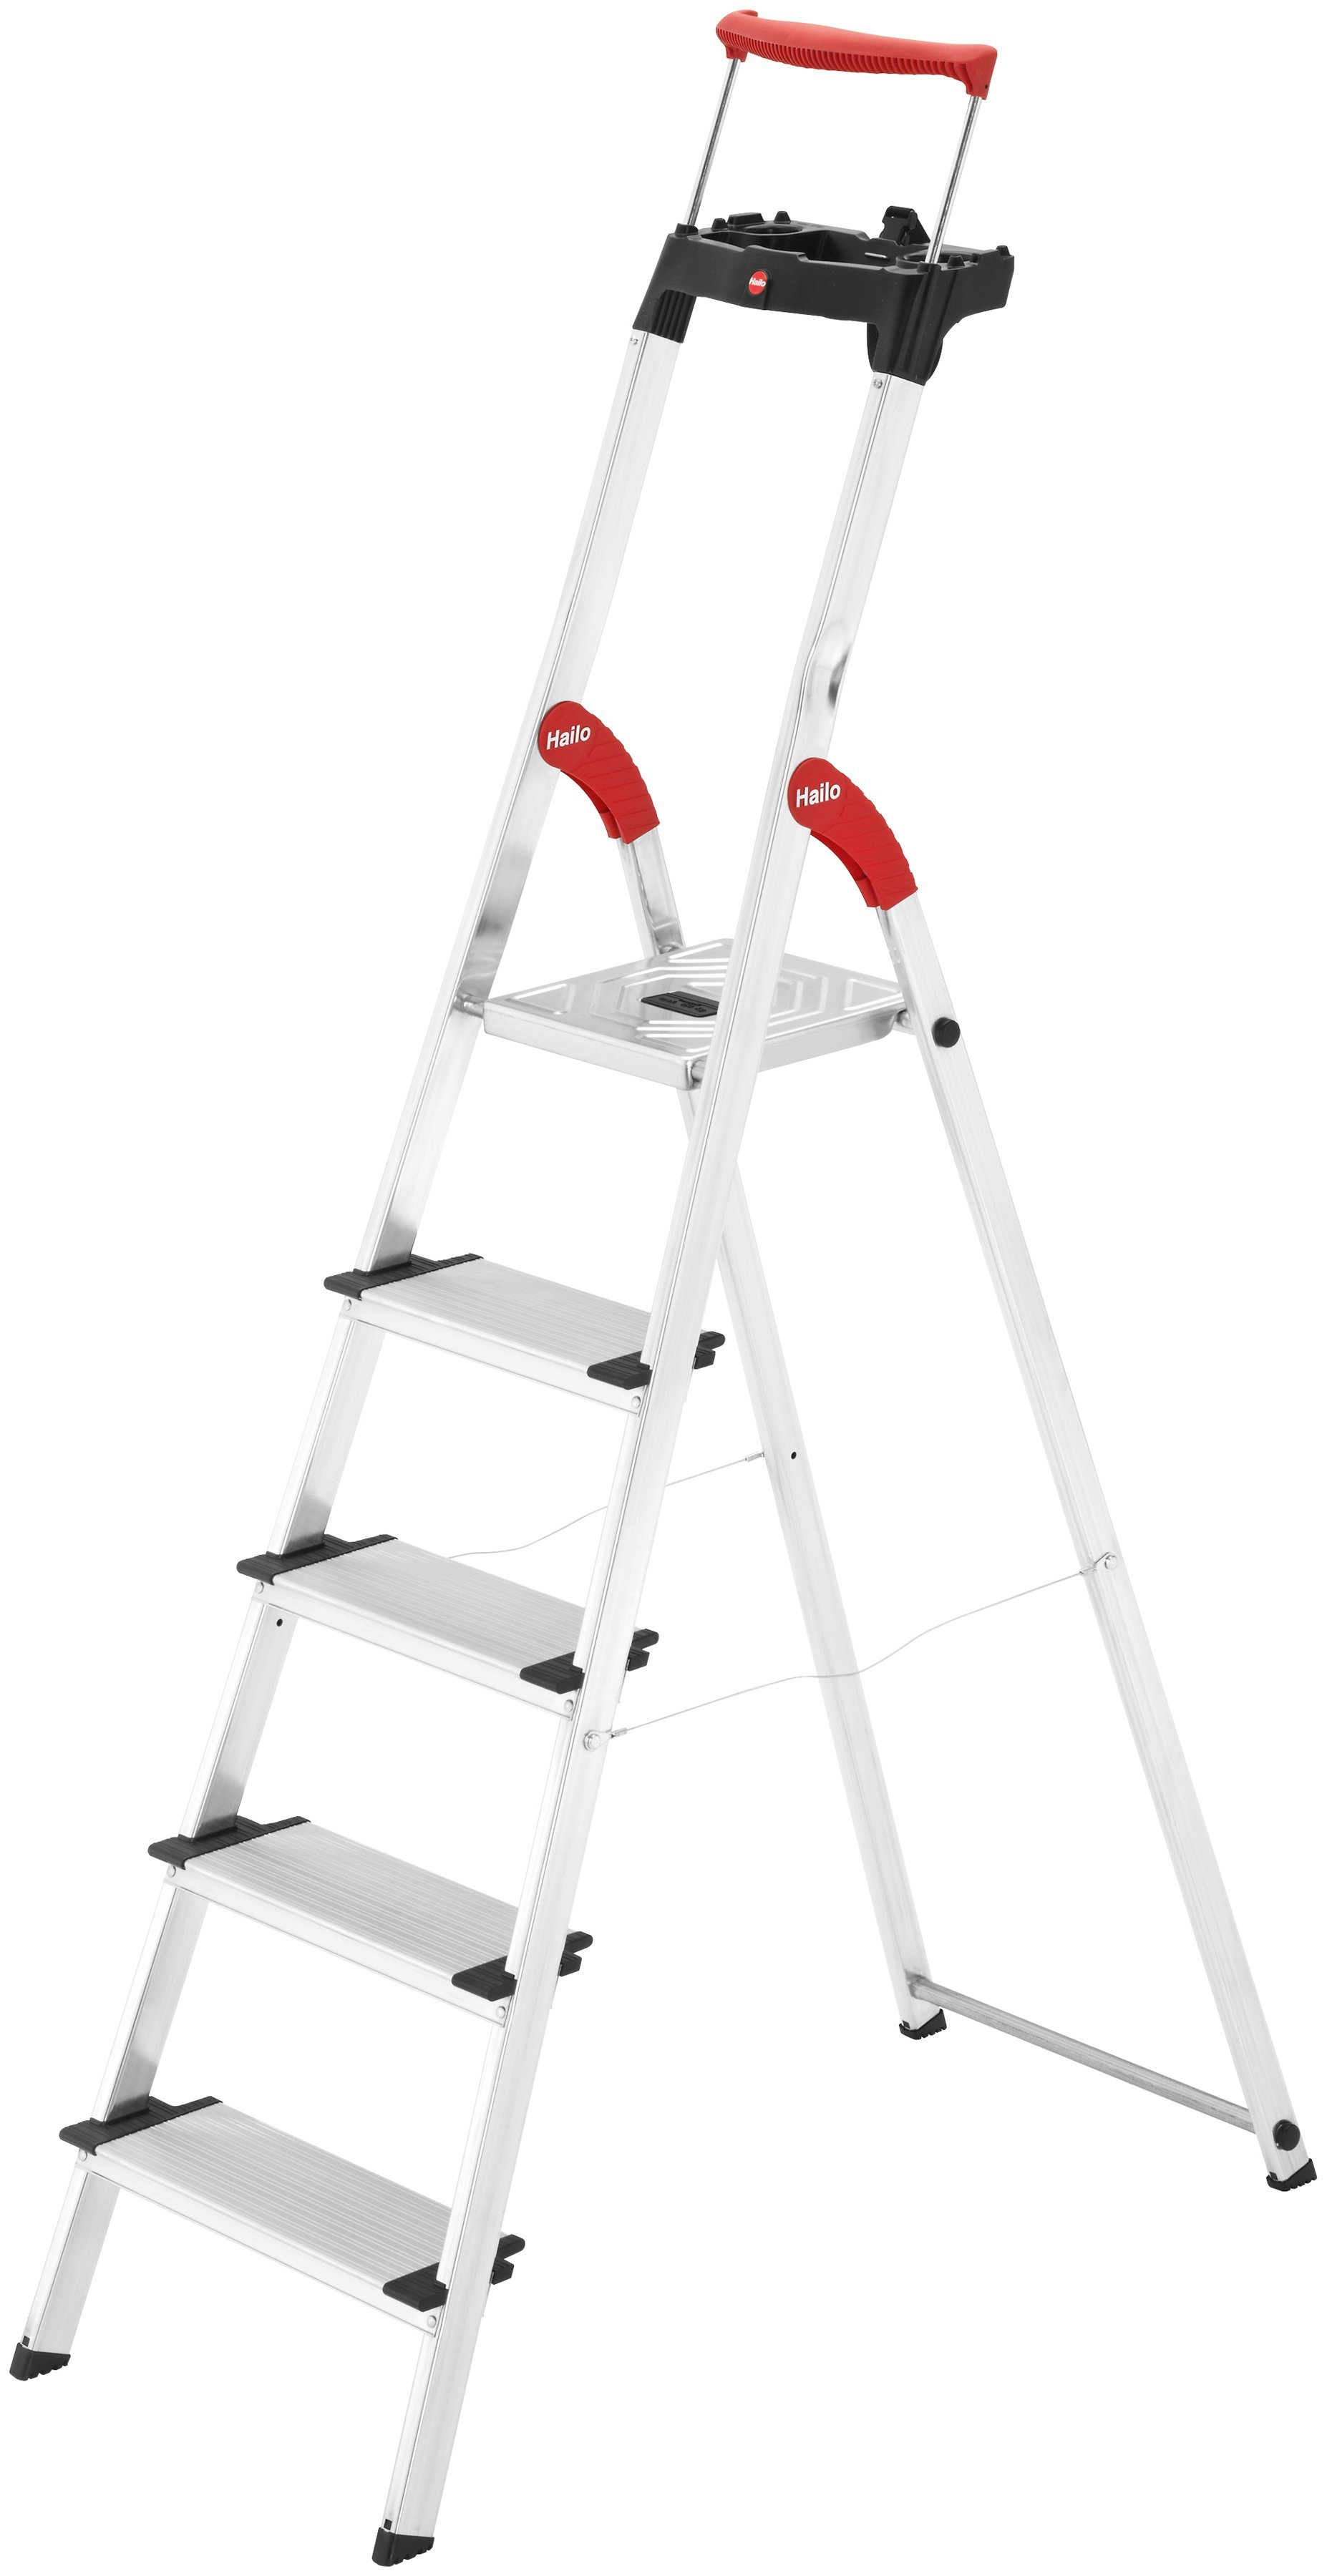 Hailo Sicherheitstrittleiter »ComfortLine XXR EasyClix« | Baumarkt > Leitern und Treppen > Trittleiter | Hailo